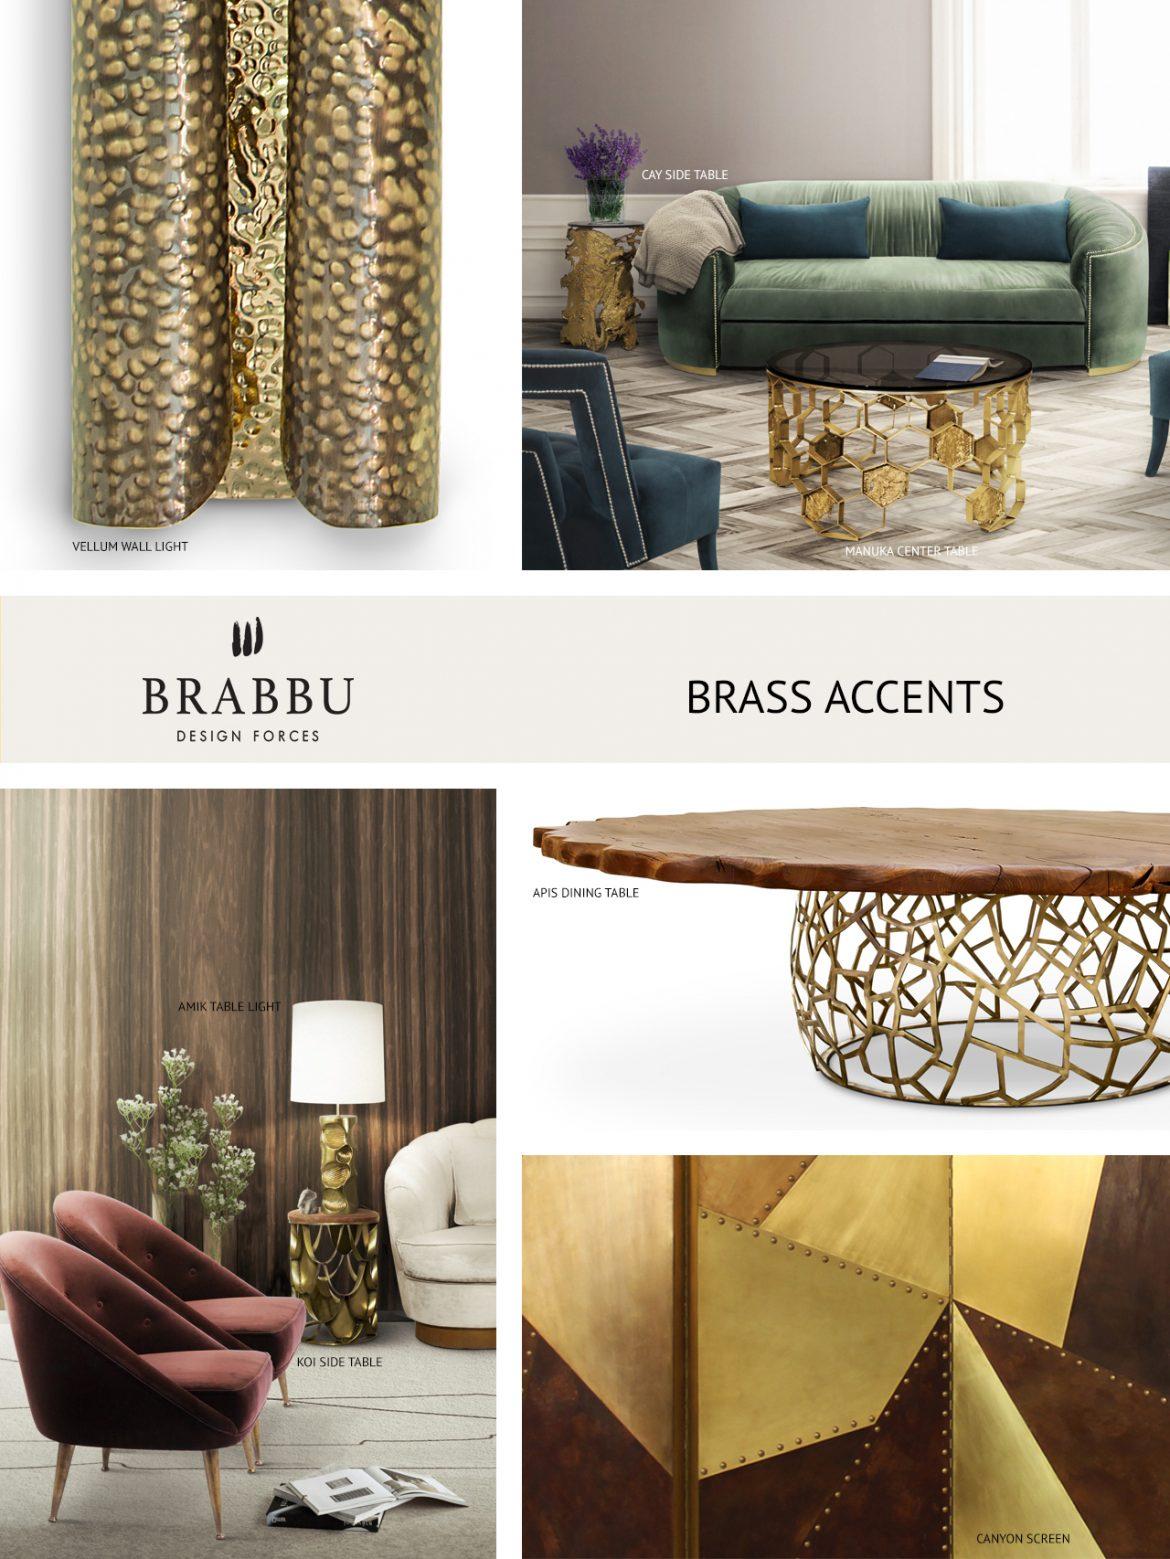 Top Materialien für Ihr modernes Wohndesign diesen Herbst modernes wohndesign Top Materialien für Ihr modernes Wohndesign diesen Herbst brass